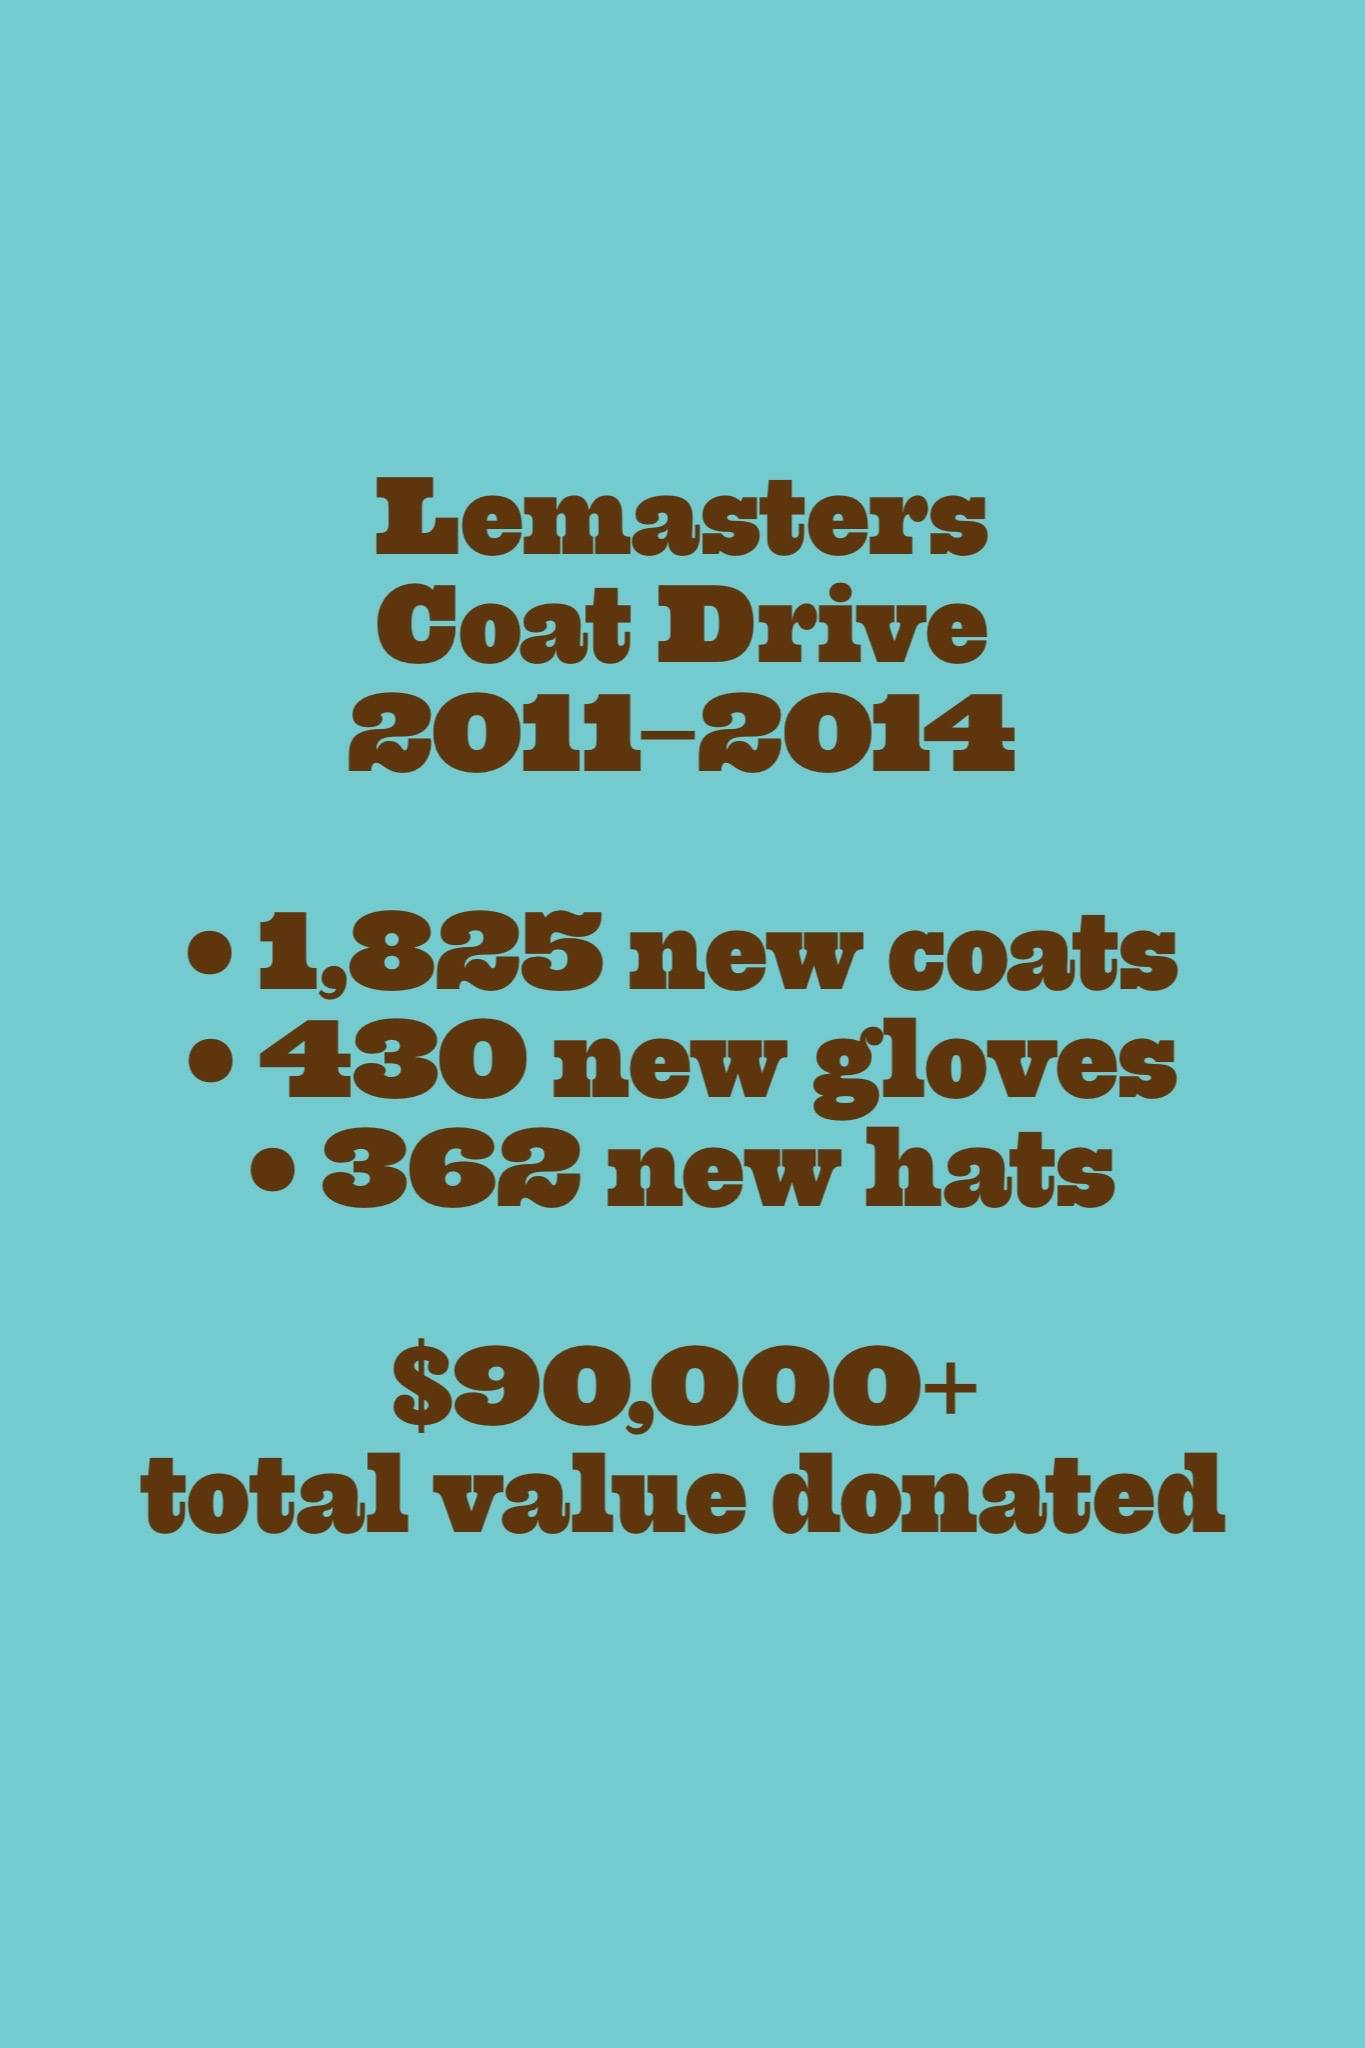 Lemasters Coat Drive Statistics